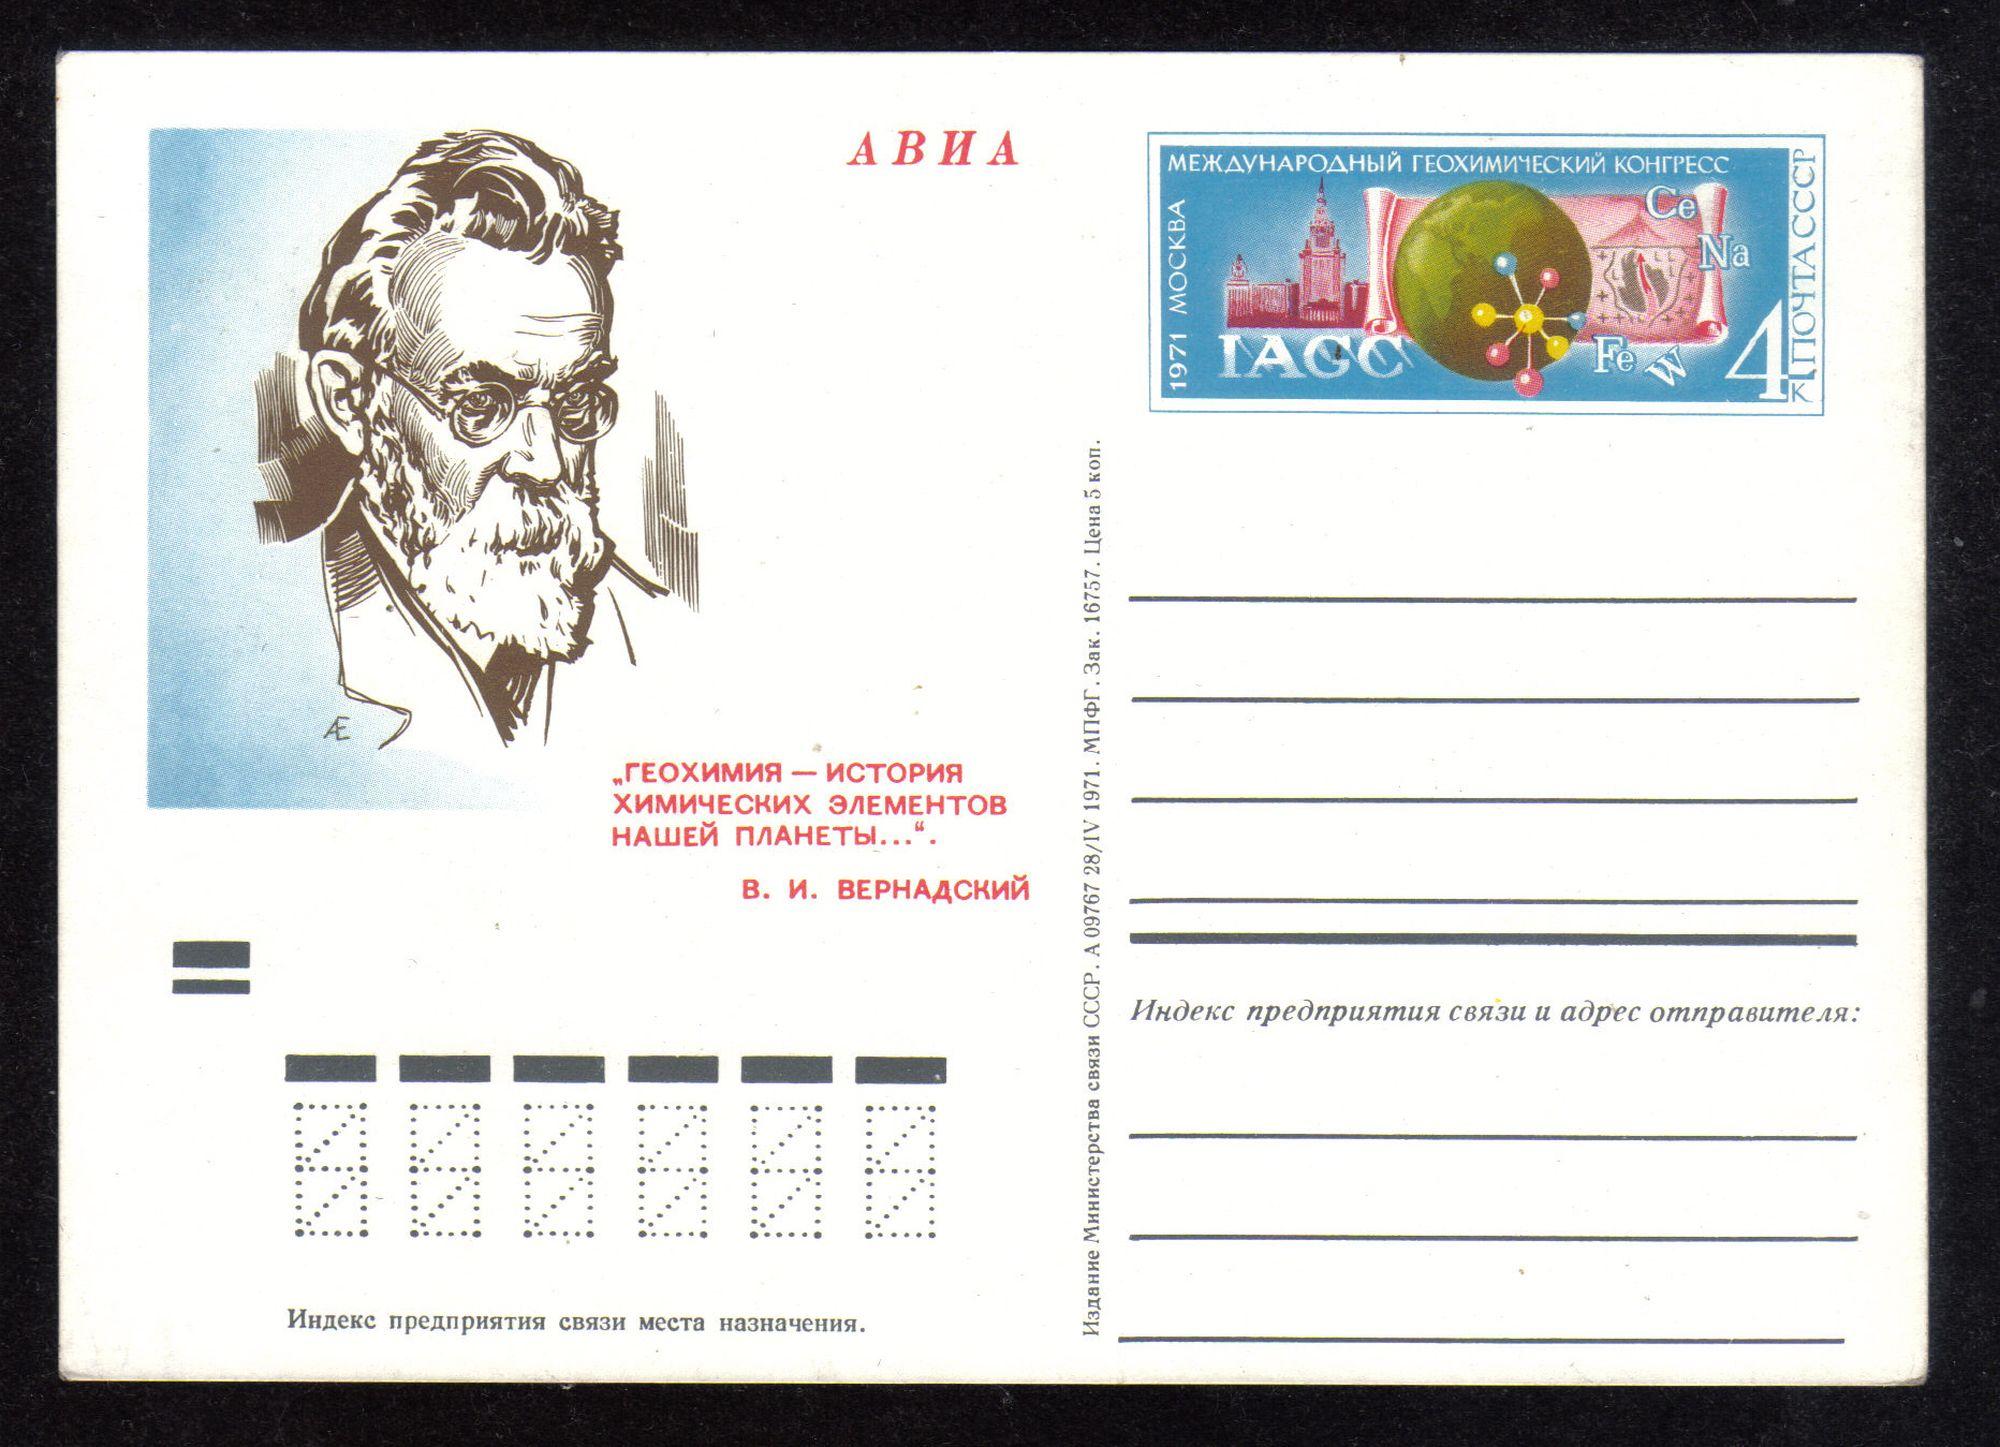 Каталог почтовых открыток с оригинальной маркой ссср